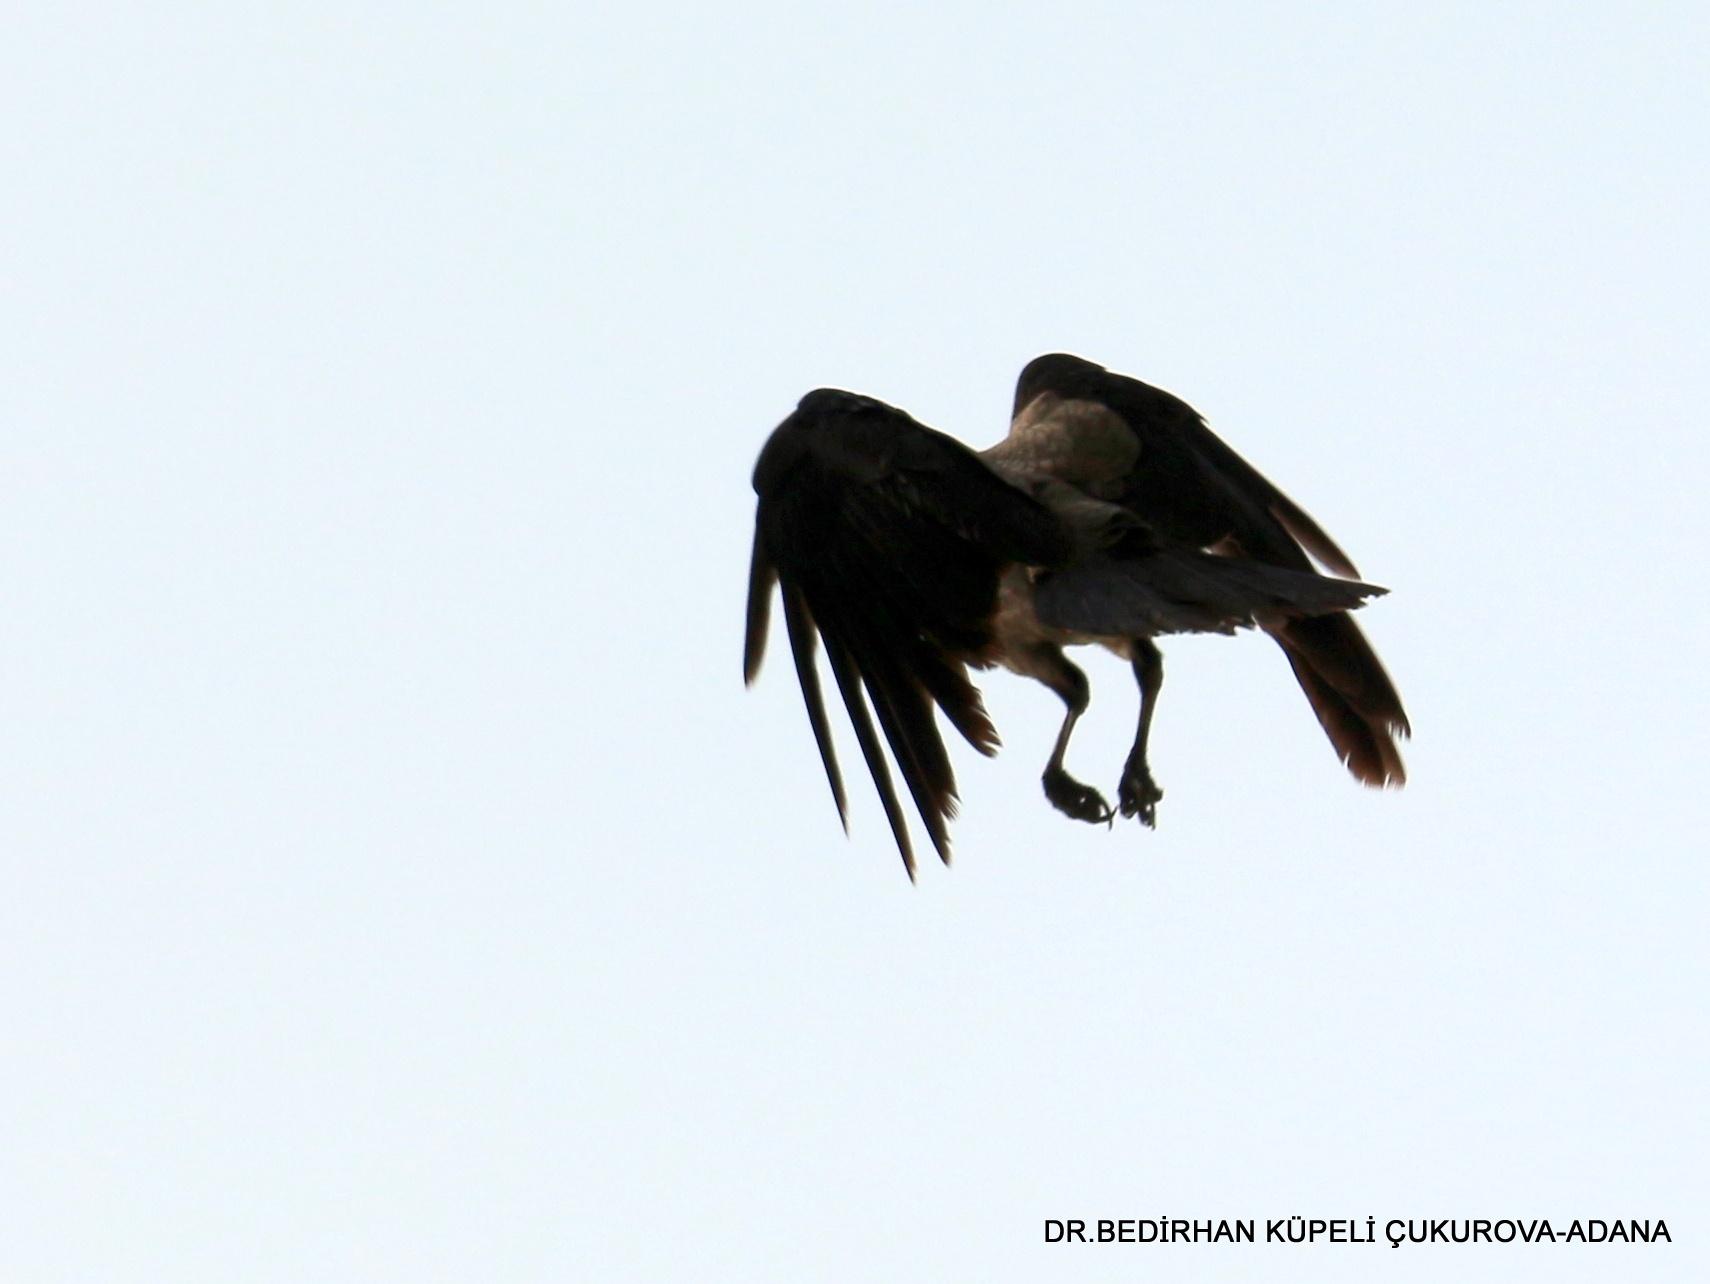 dancing in the air...or...preparing for landing.. by Bedirhan Küpeli